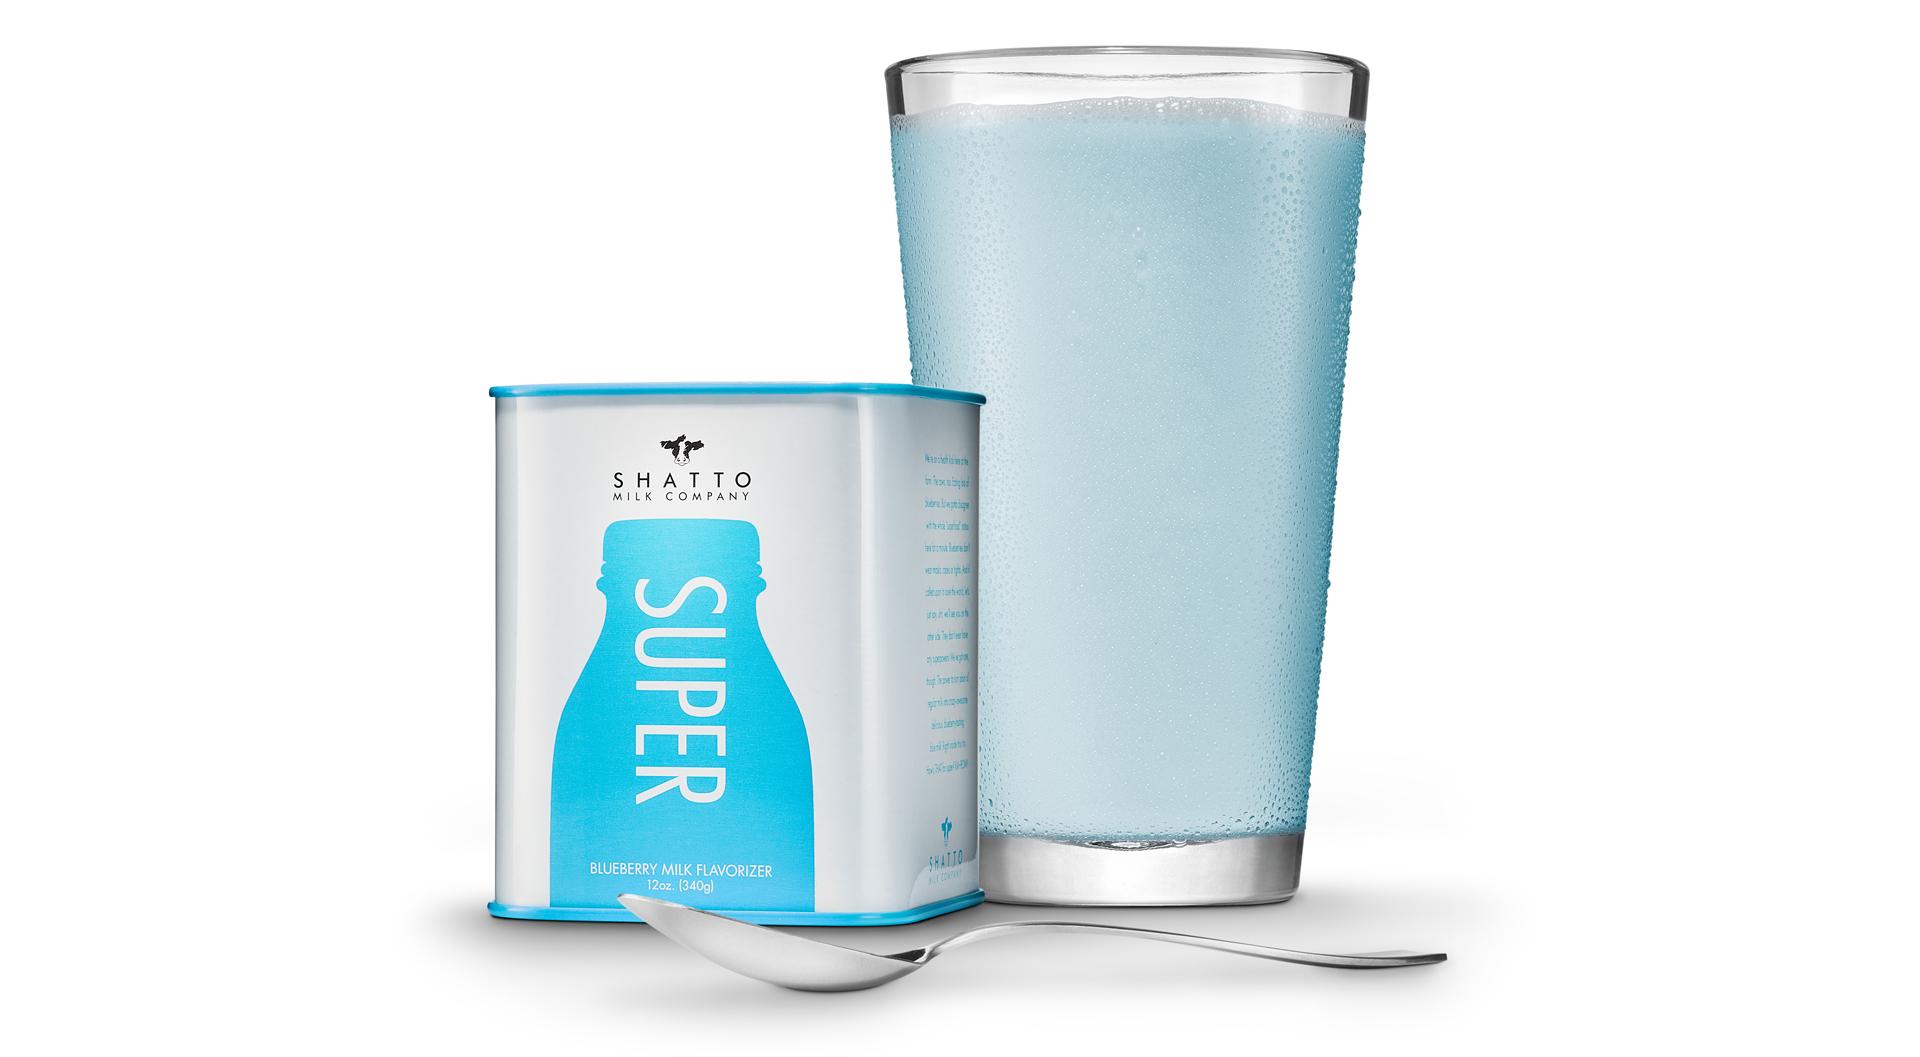 Shatto Milk Blueberry Flavorizer